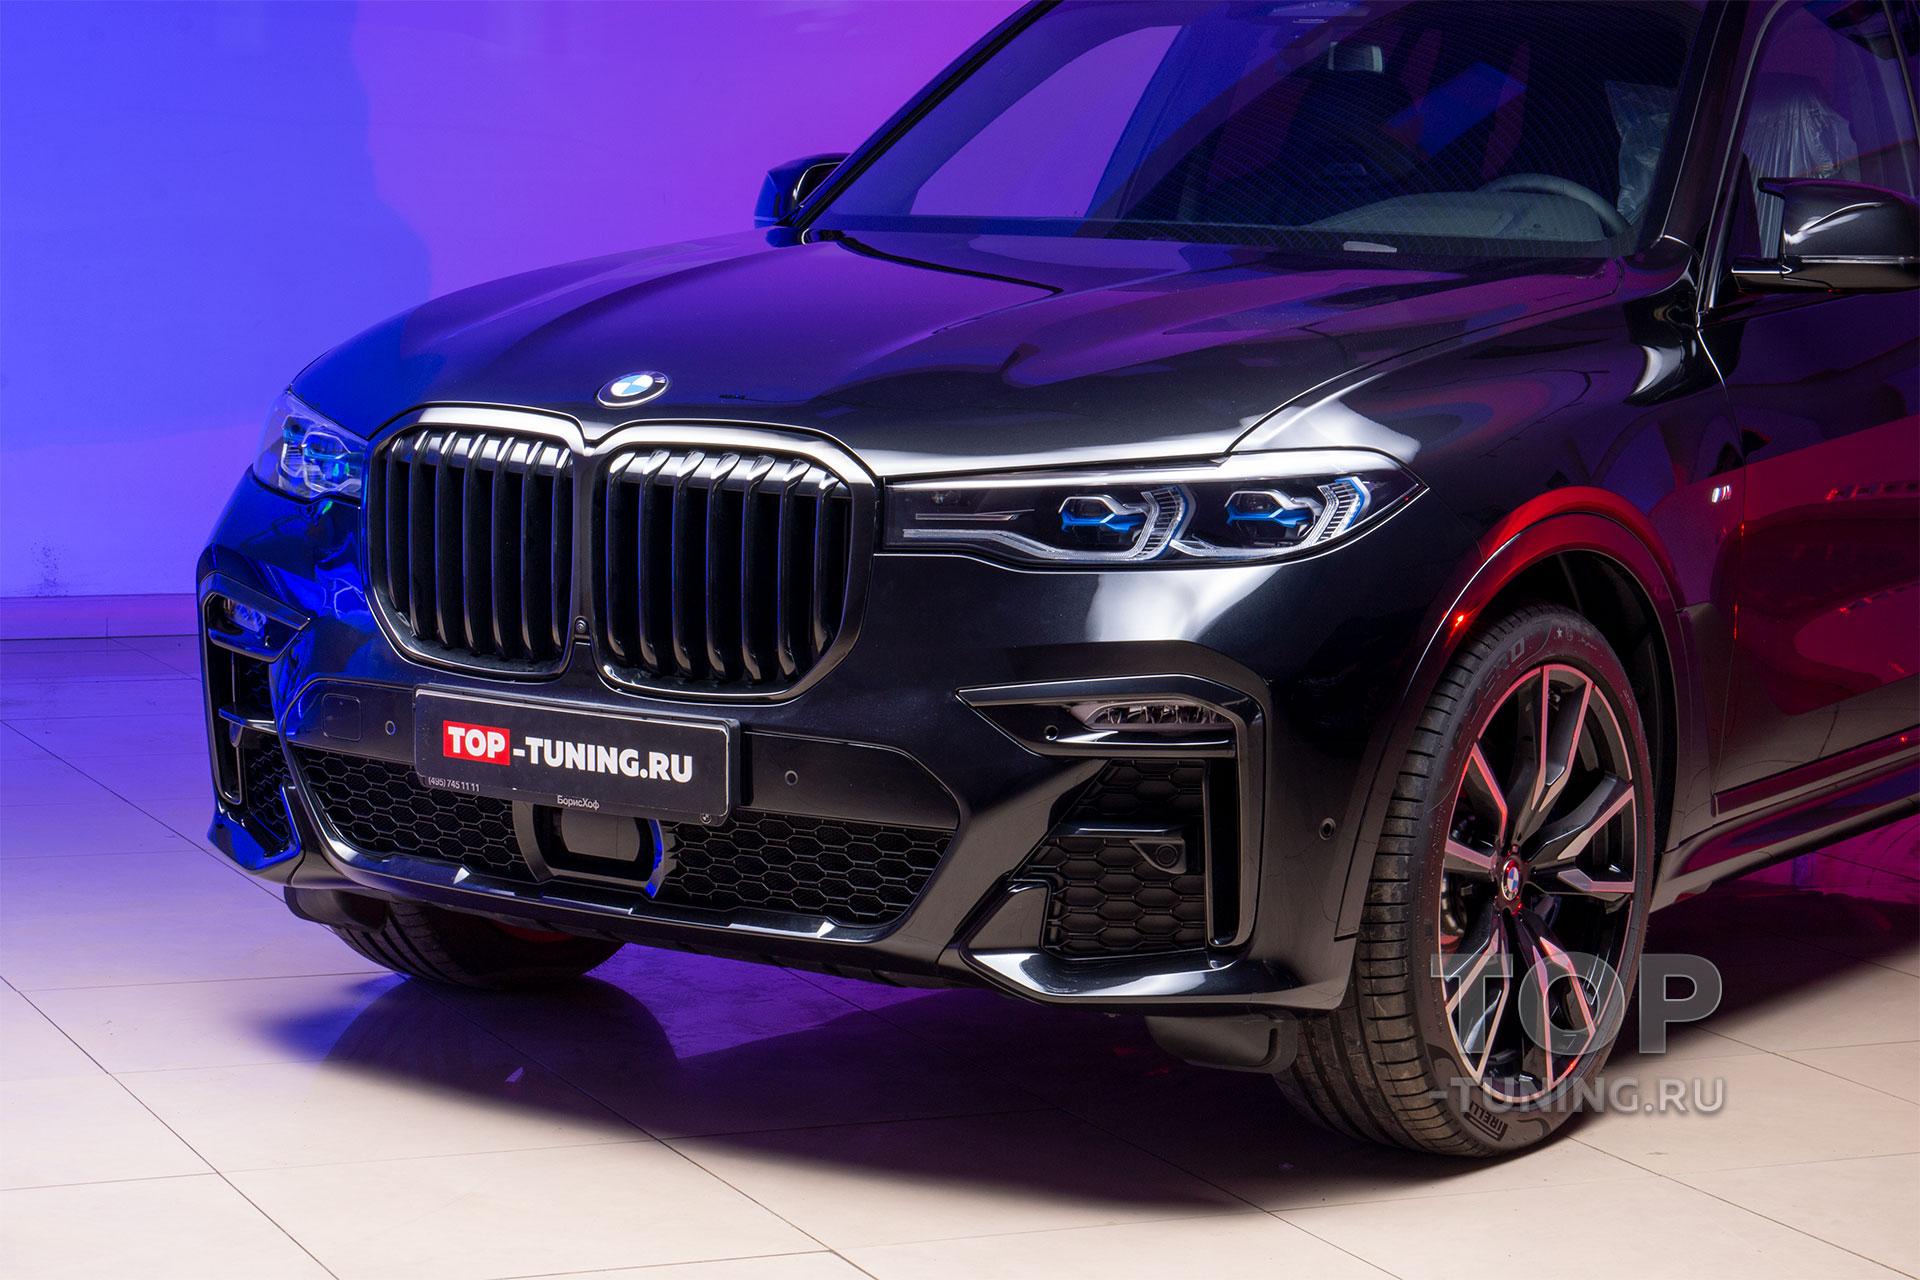 Защитная сетка фильтр в бампер для BMW X7 - профессиональная установка